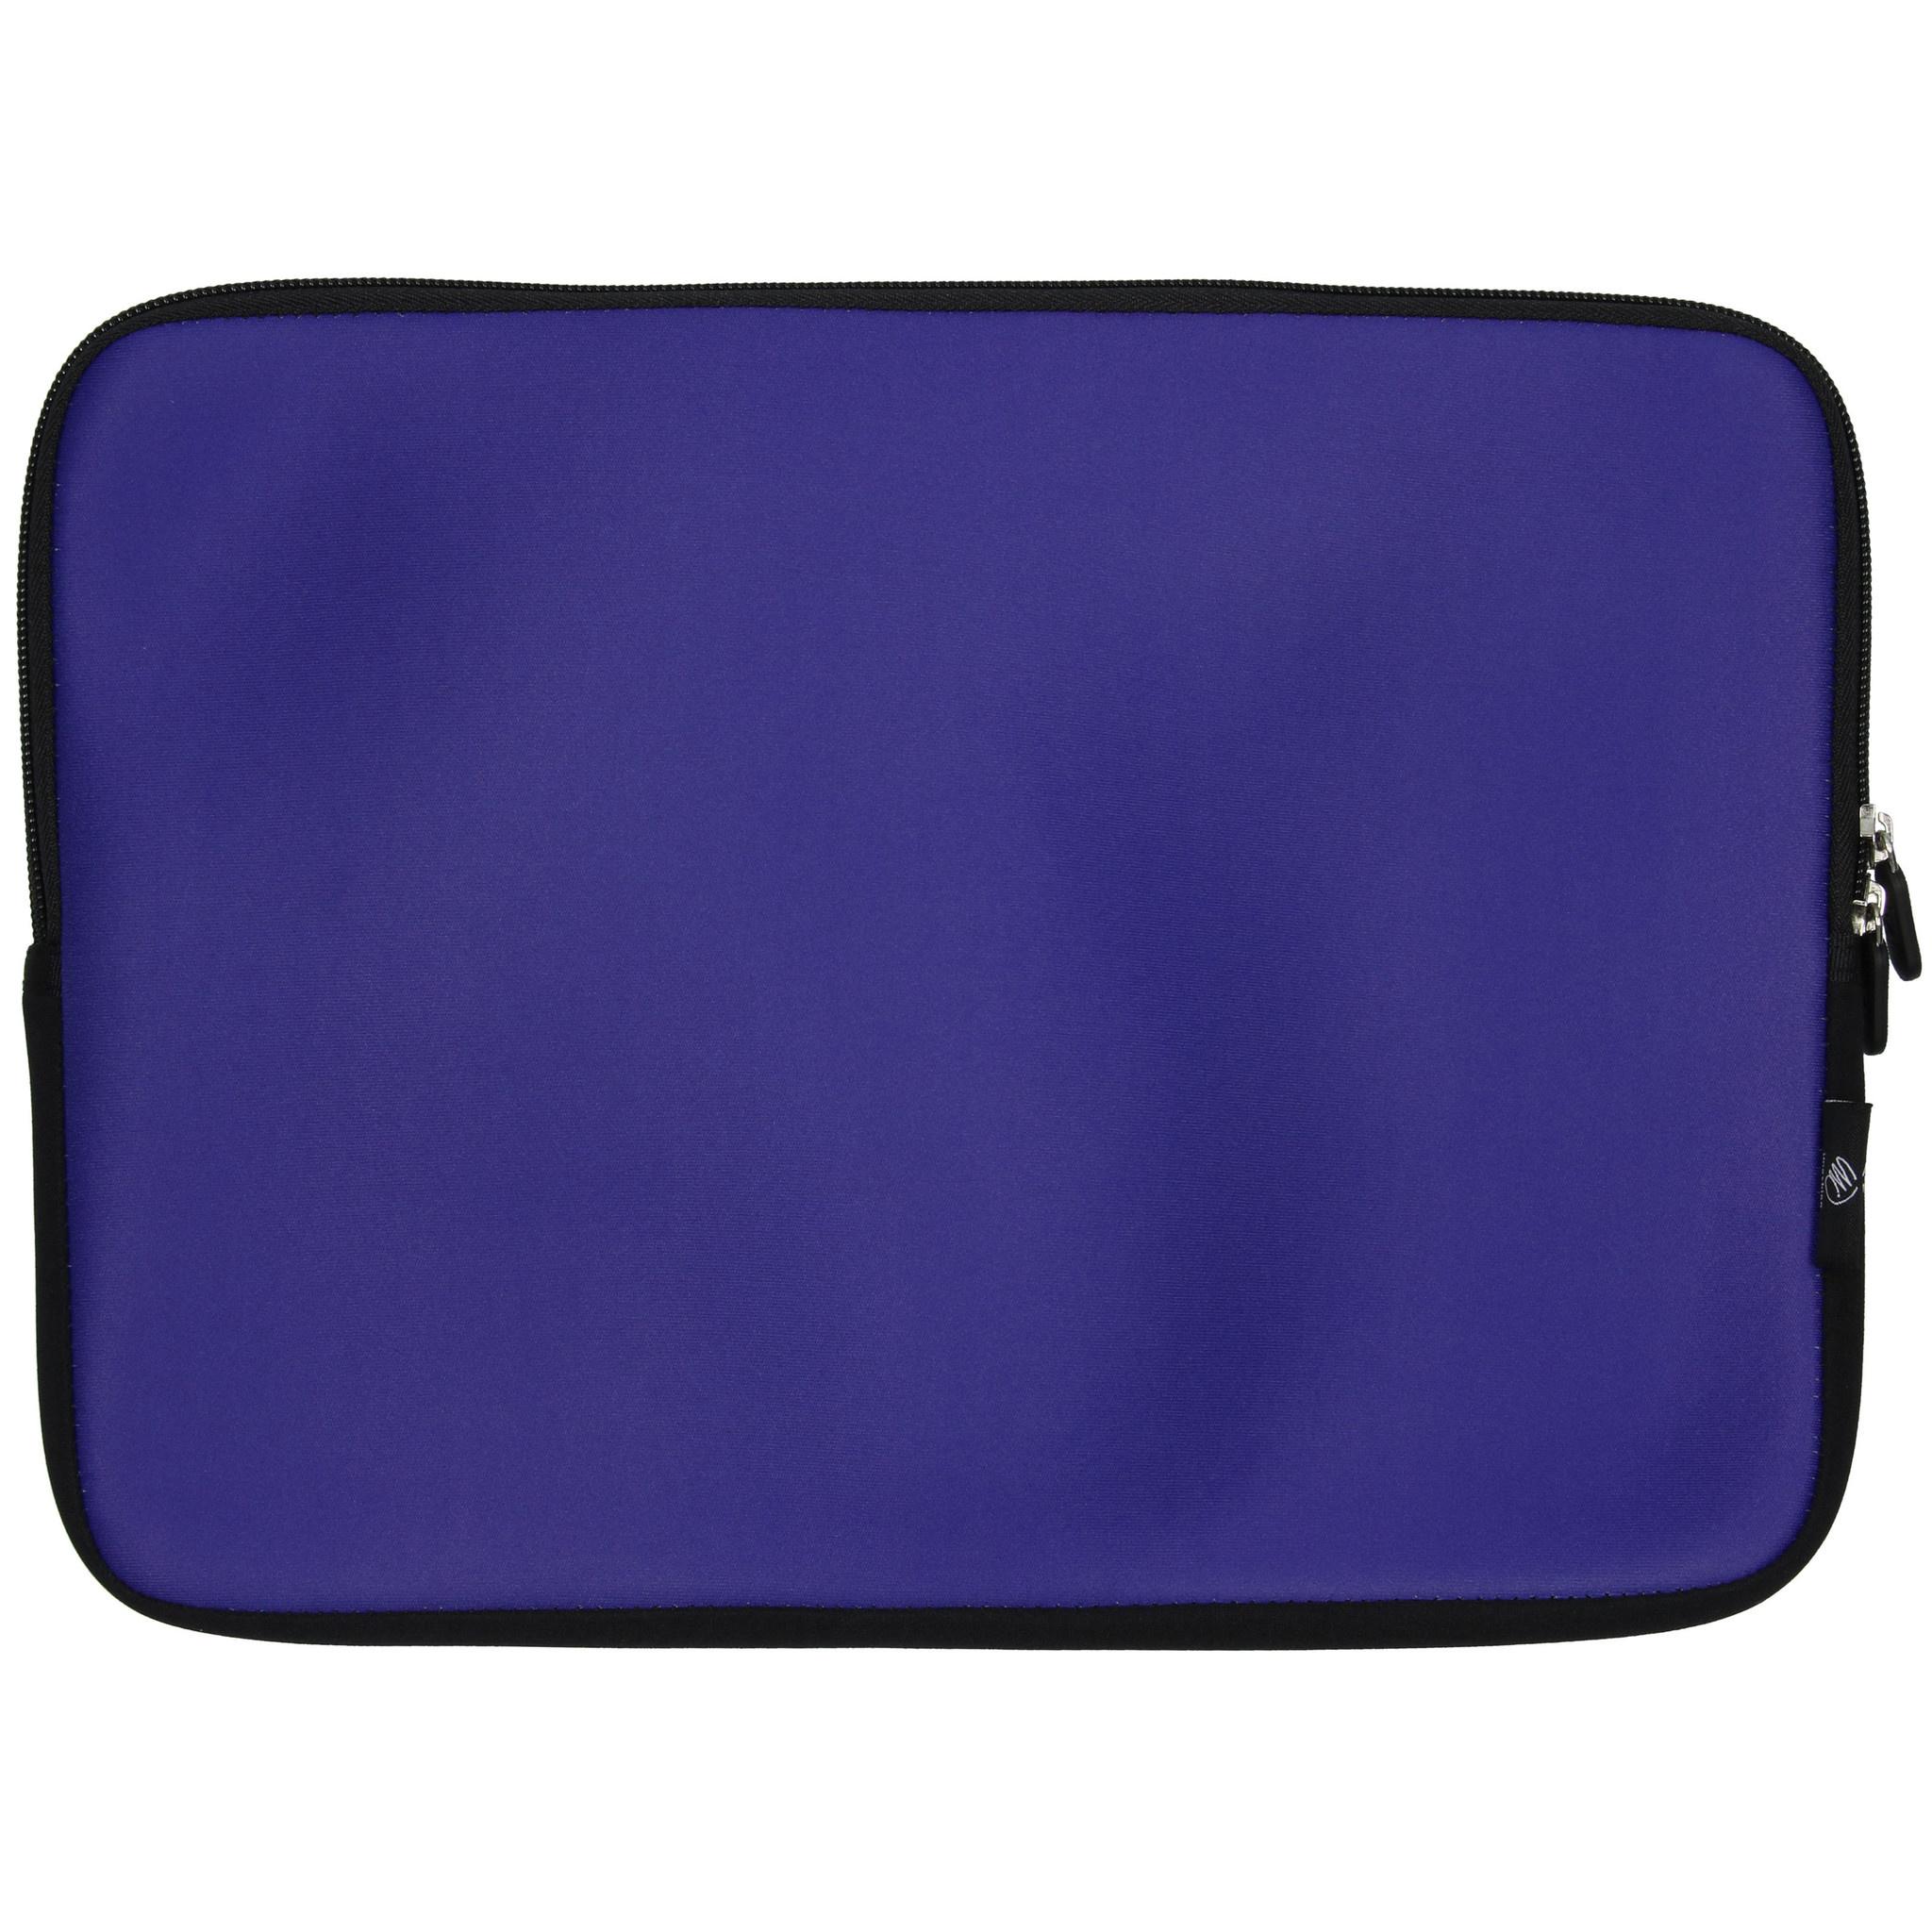 iMoshion Universalhülle mit Griffen 13 Zoll - Violett